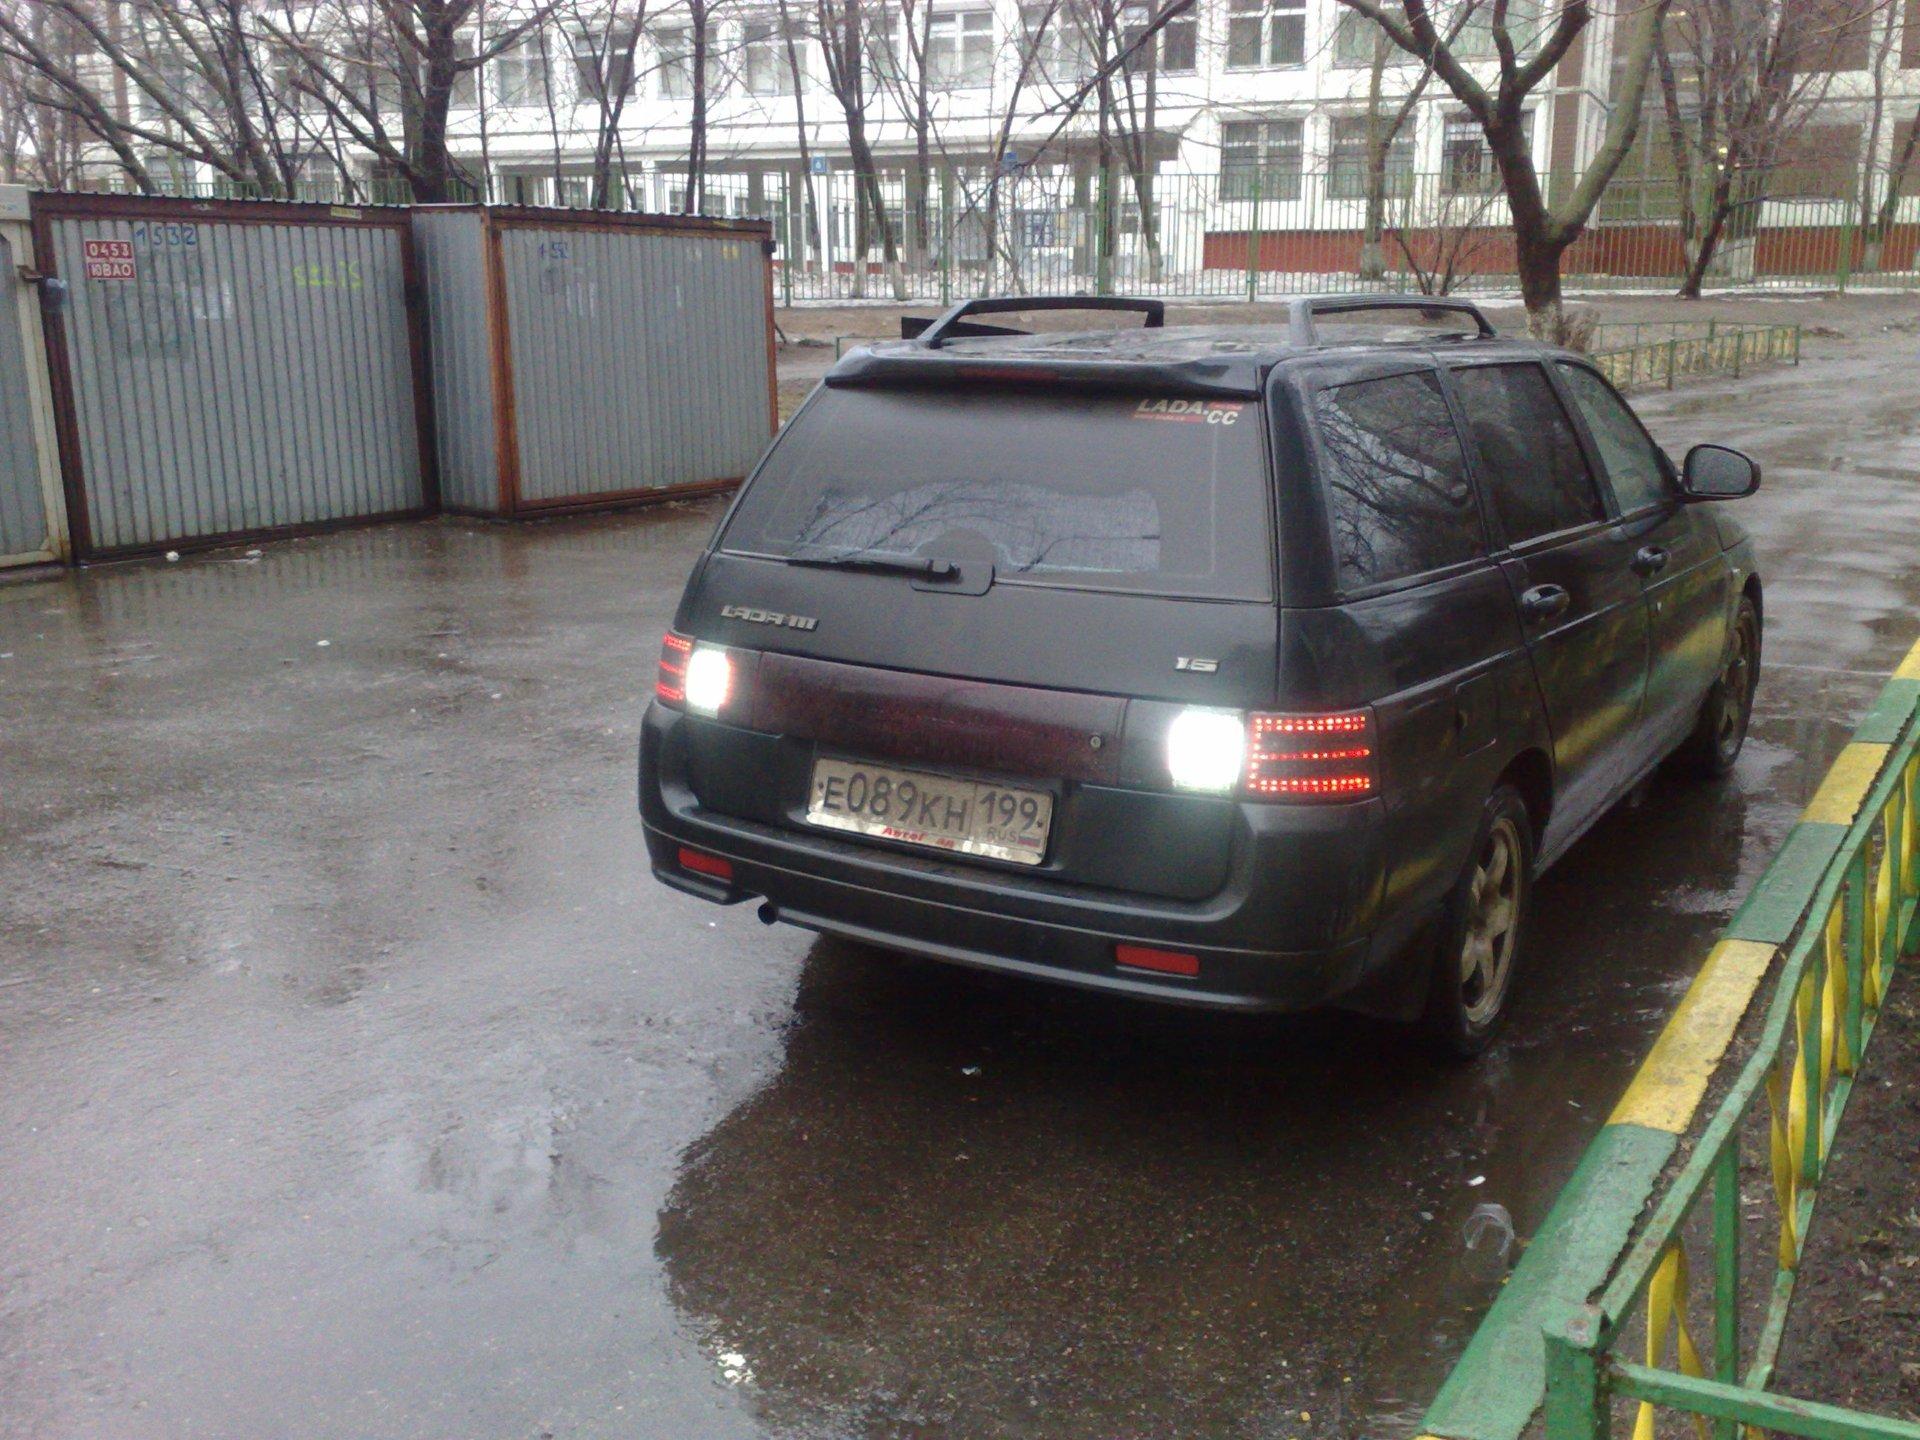 Фото №24 - не горят фонари заднего хода ВАЗ 2110